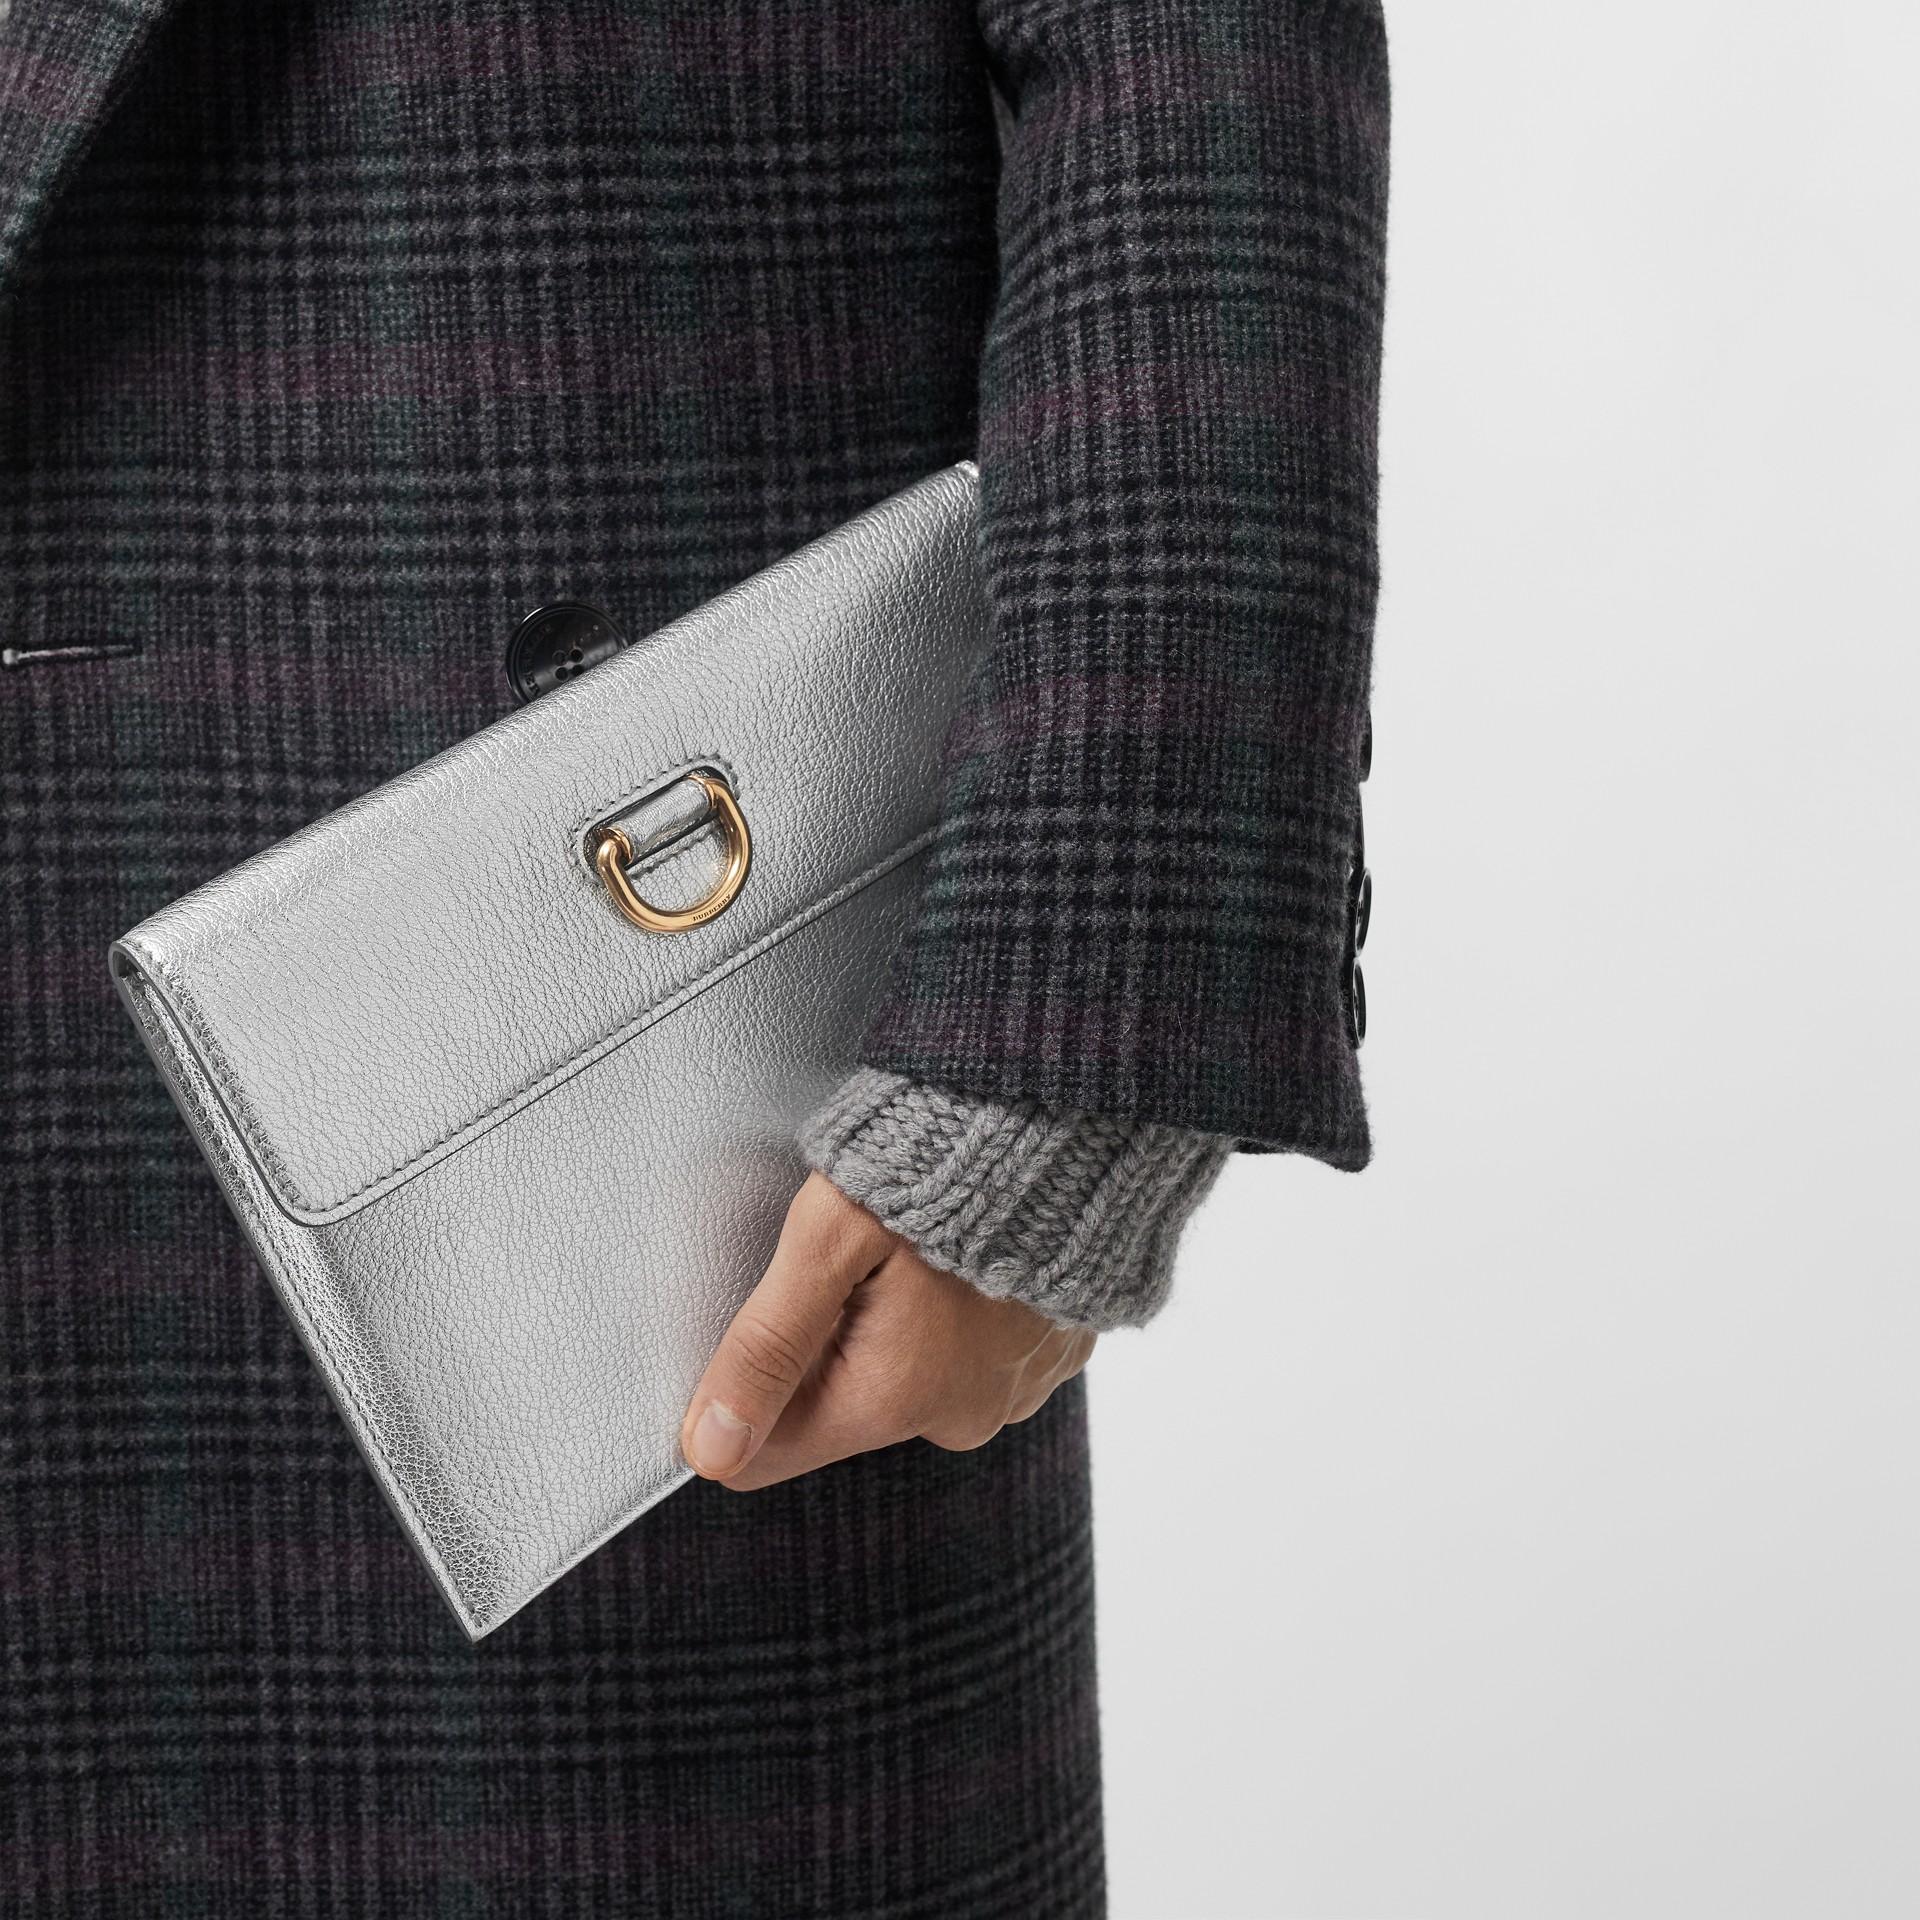 Bolsa pouch de couro metalizado com argola em D e porta-moedas (Prateado) - Mulheres | Burberry - galeria de imagens 3